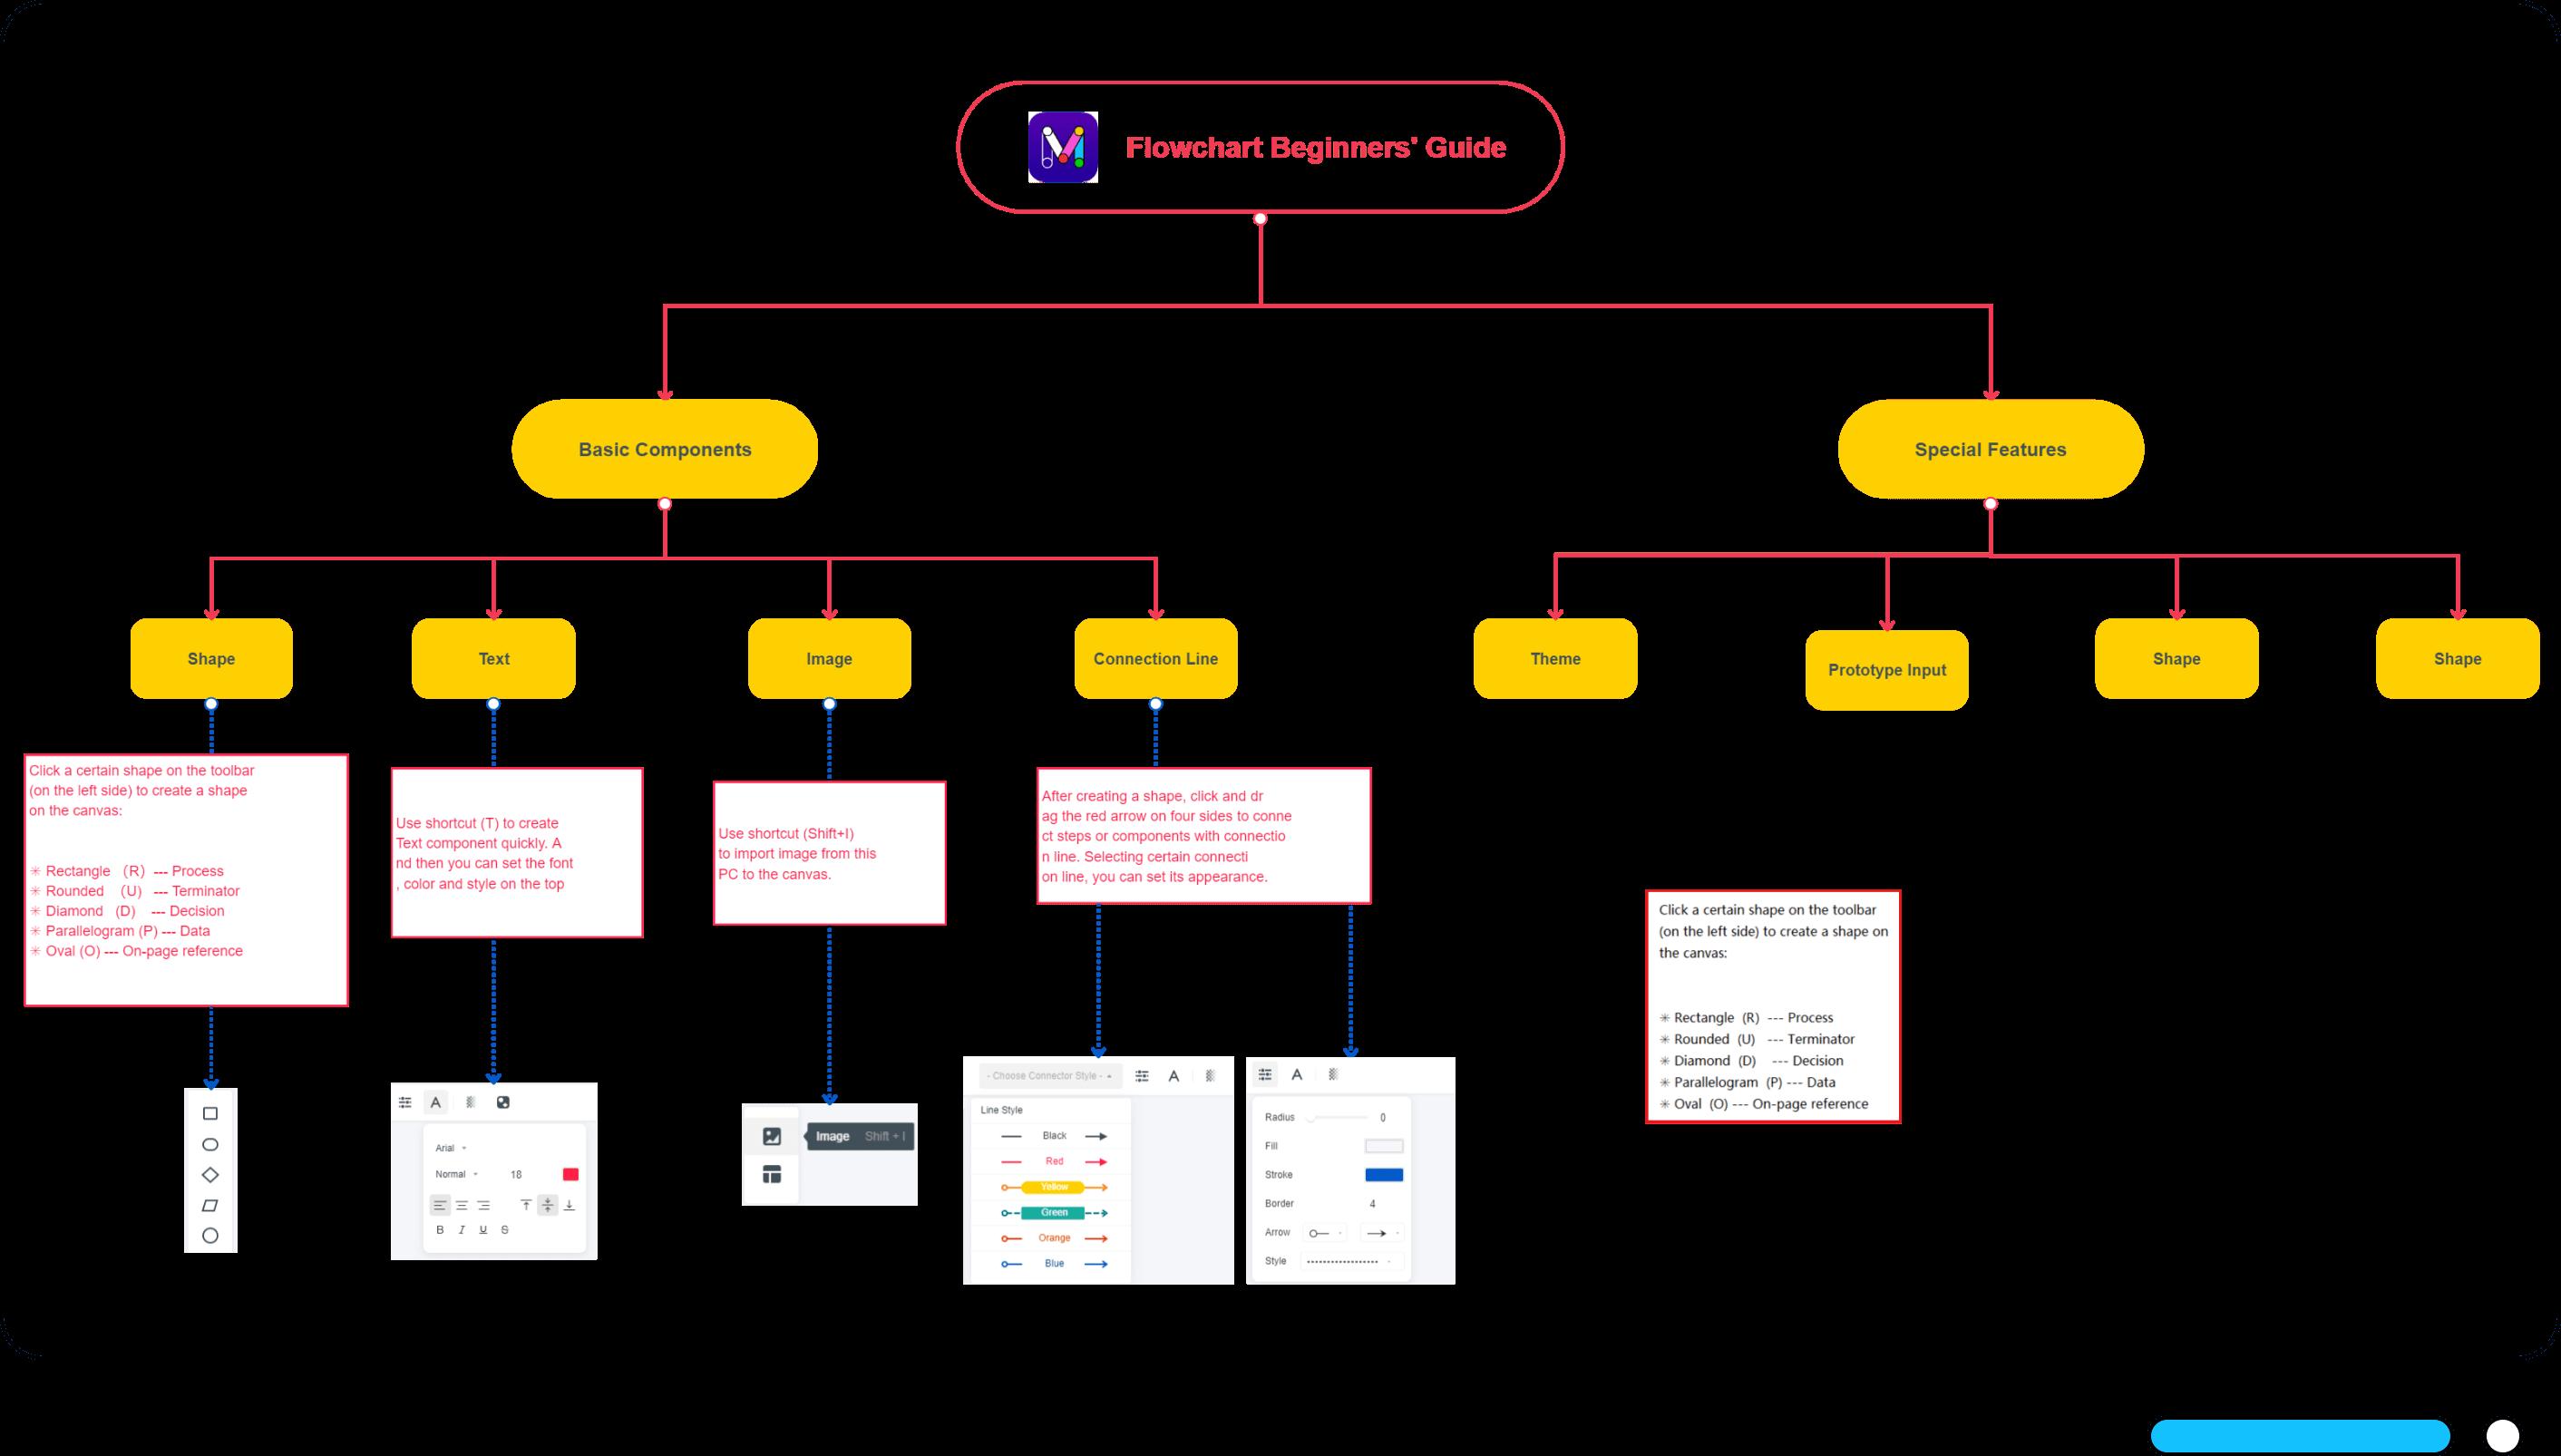 zoom in flowchart beginners' guide